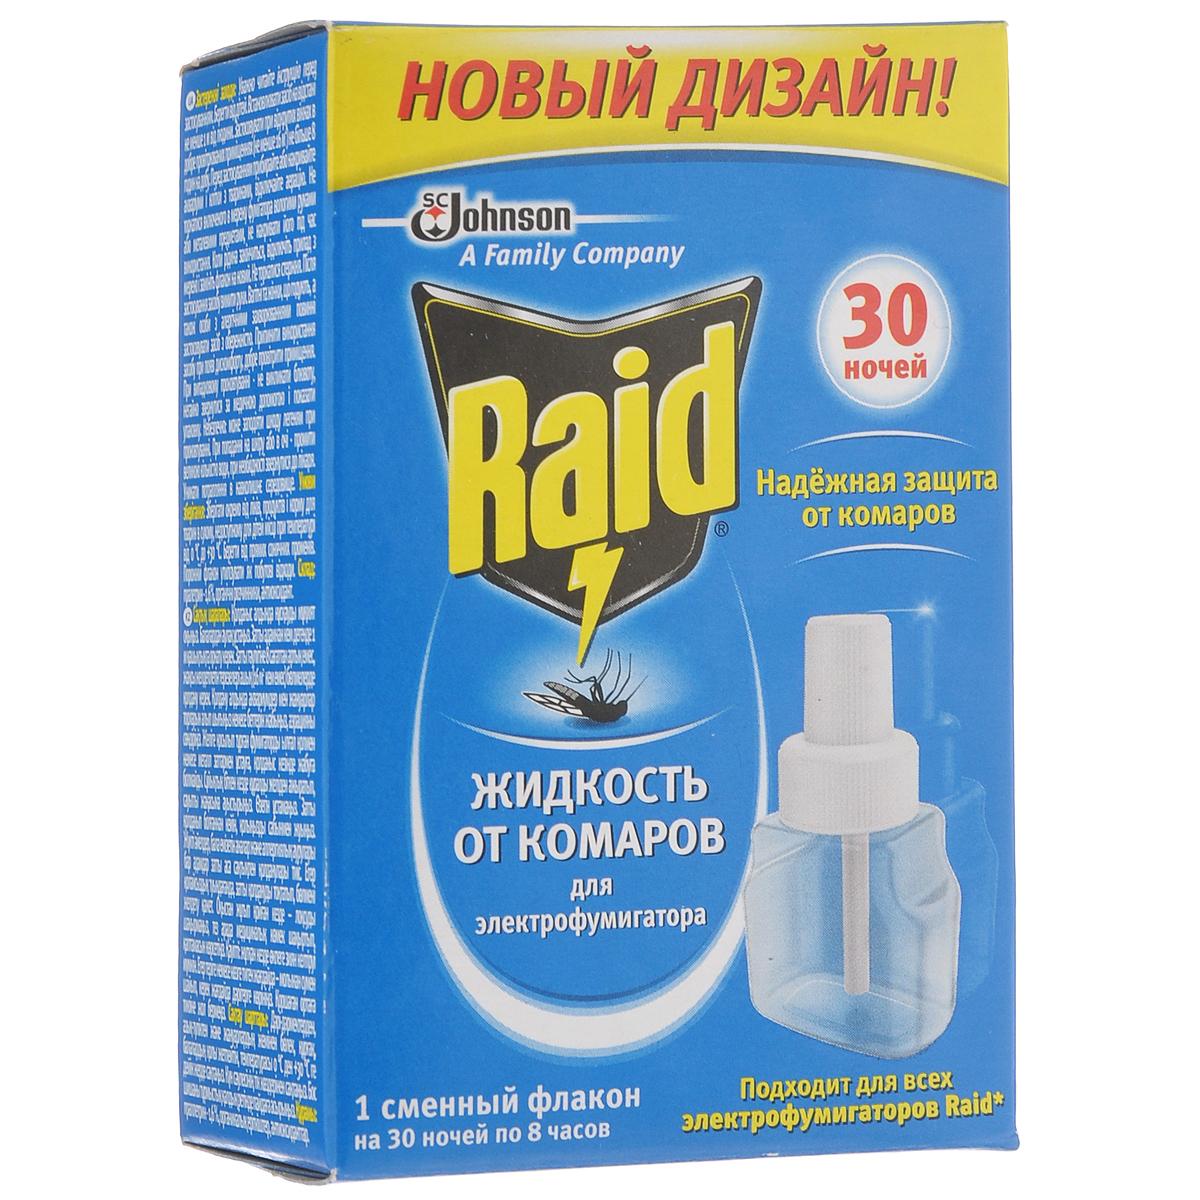 Жидкость для фумигатора от комаров Raid, на 30 ночей, 21,9 мл741748Жидкость от комаров Raid - это защита от комаров для всех членов семьи. Обеспечивает 30 ночей (по 8 часов) непрерывной эффективной защиты.Сменный флакон действует в помещении до 50 м3. Не обладающая никаким запахом, абсолютно безопасная для здоровья жидкость от комаров, уничтожает насекомых в комнате, даже при открытых окнах в течение всей ночи.Состав: праллетрин 1,6%, органические растворители, антиоксидант.